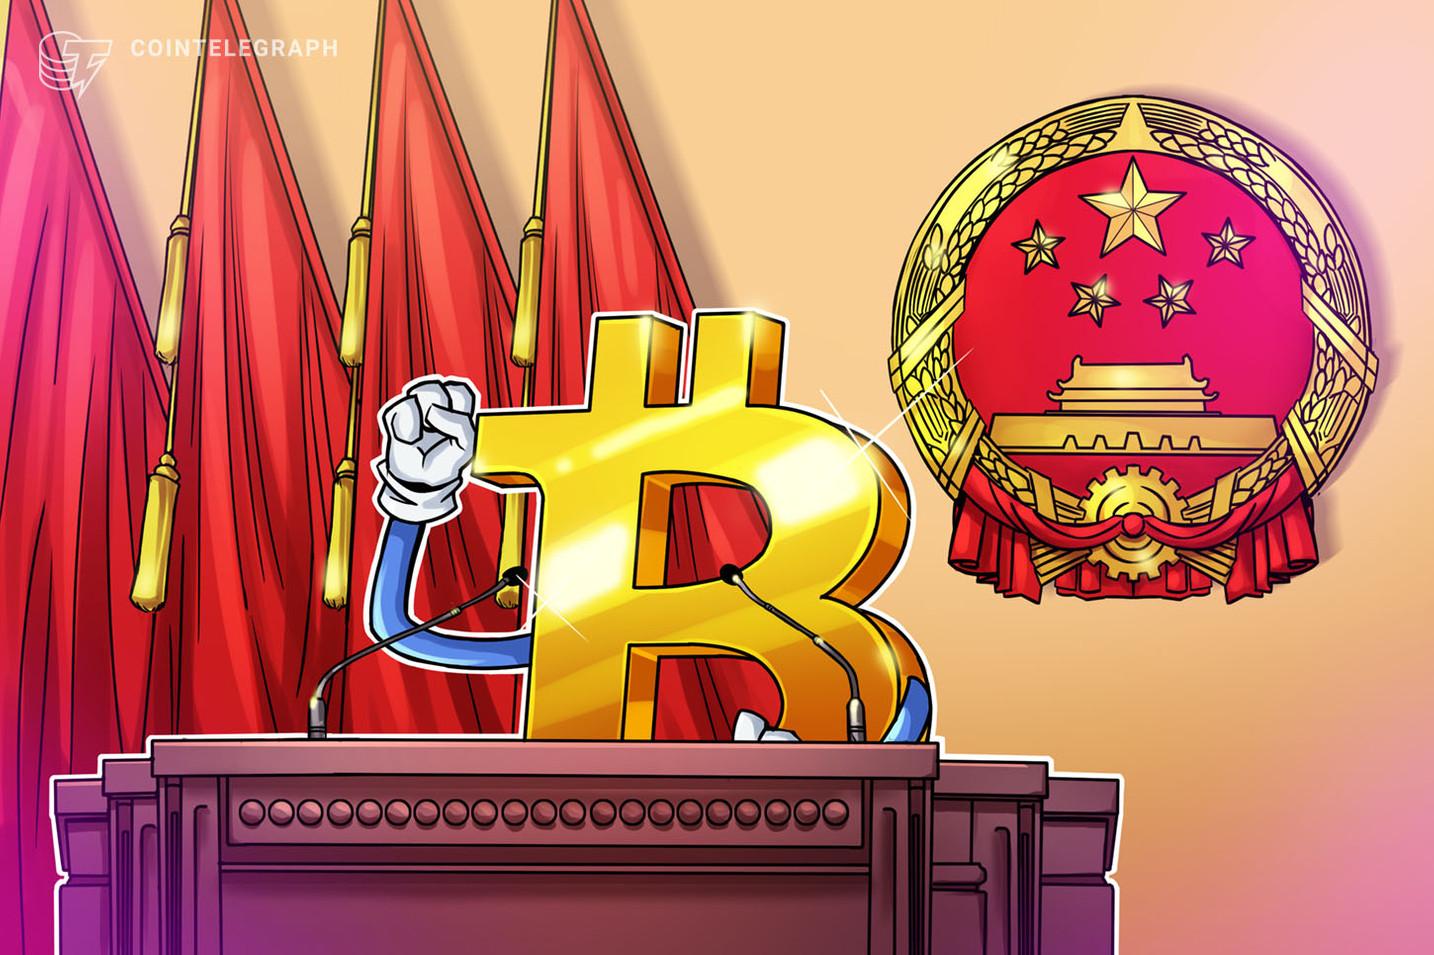 Bitcoin rudarstvo zabranjuje laku odluku za Kinu, kaže partner tvrtke Bitmain EMEA